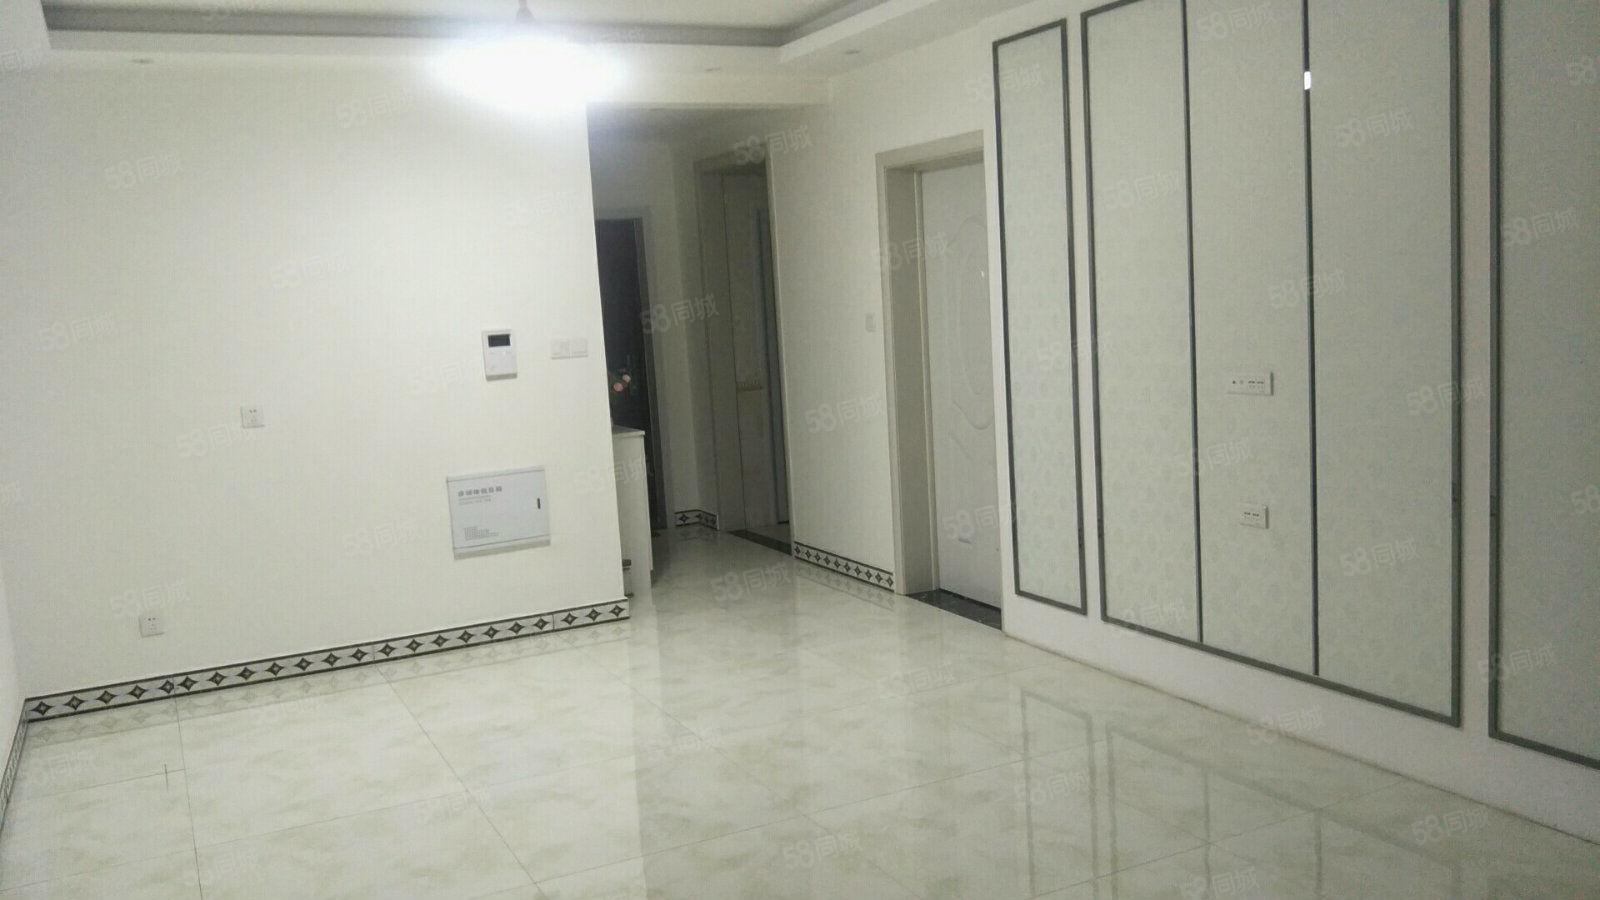 天明城精装三室一厅。全新家具家具家电,拎包入住,随时看房。